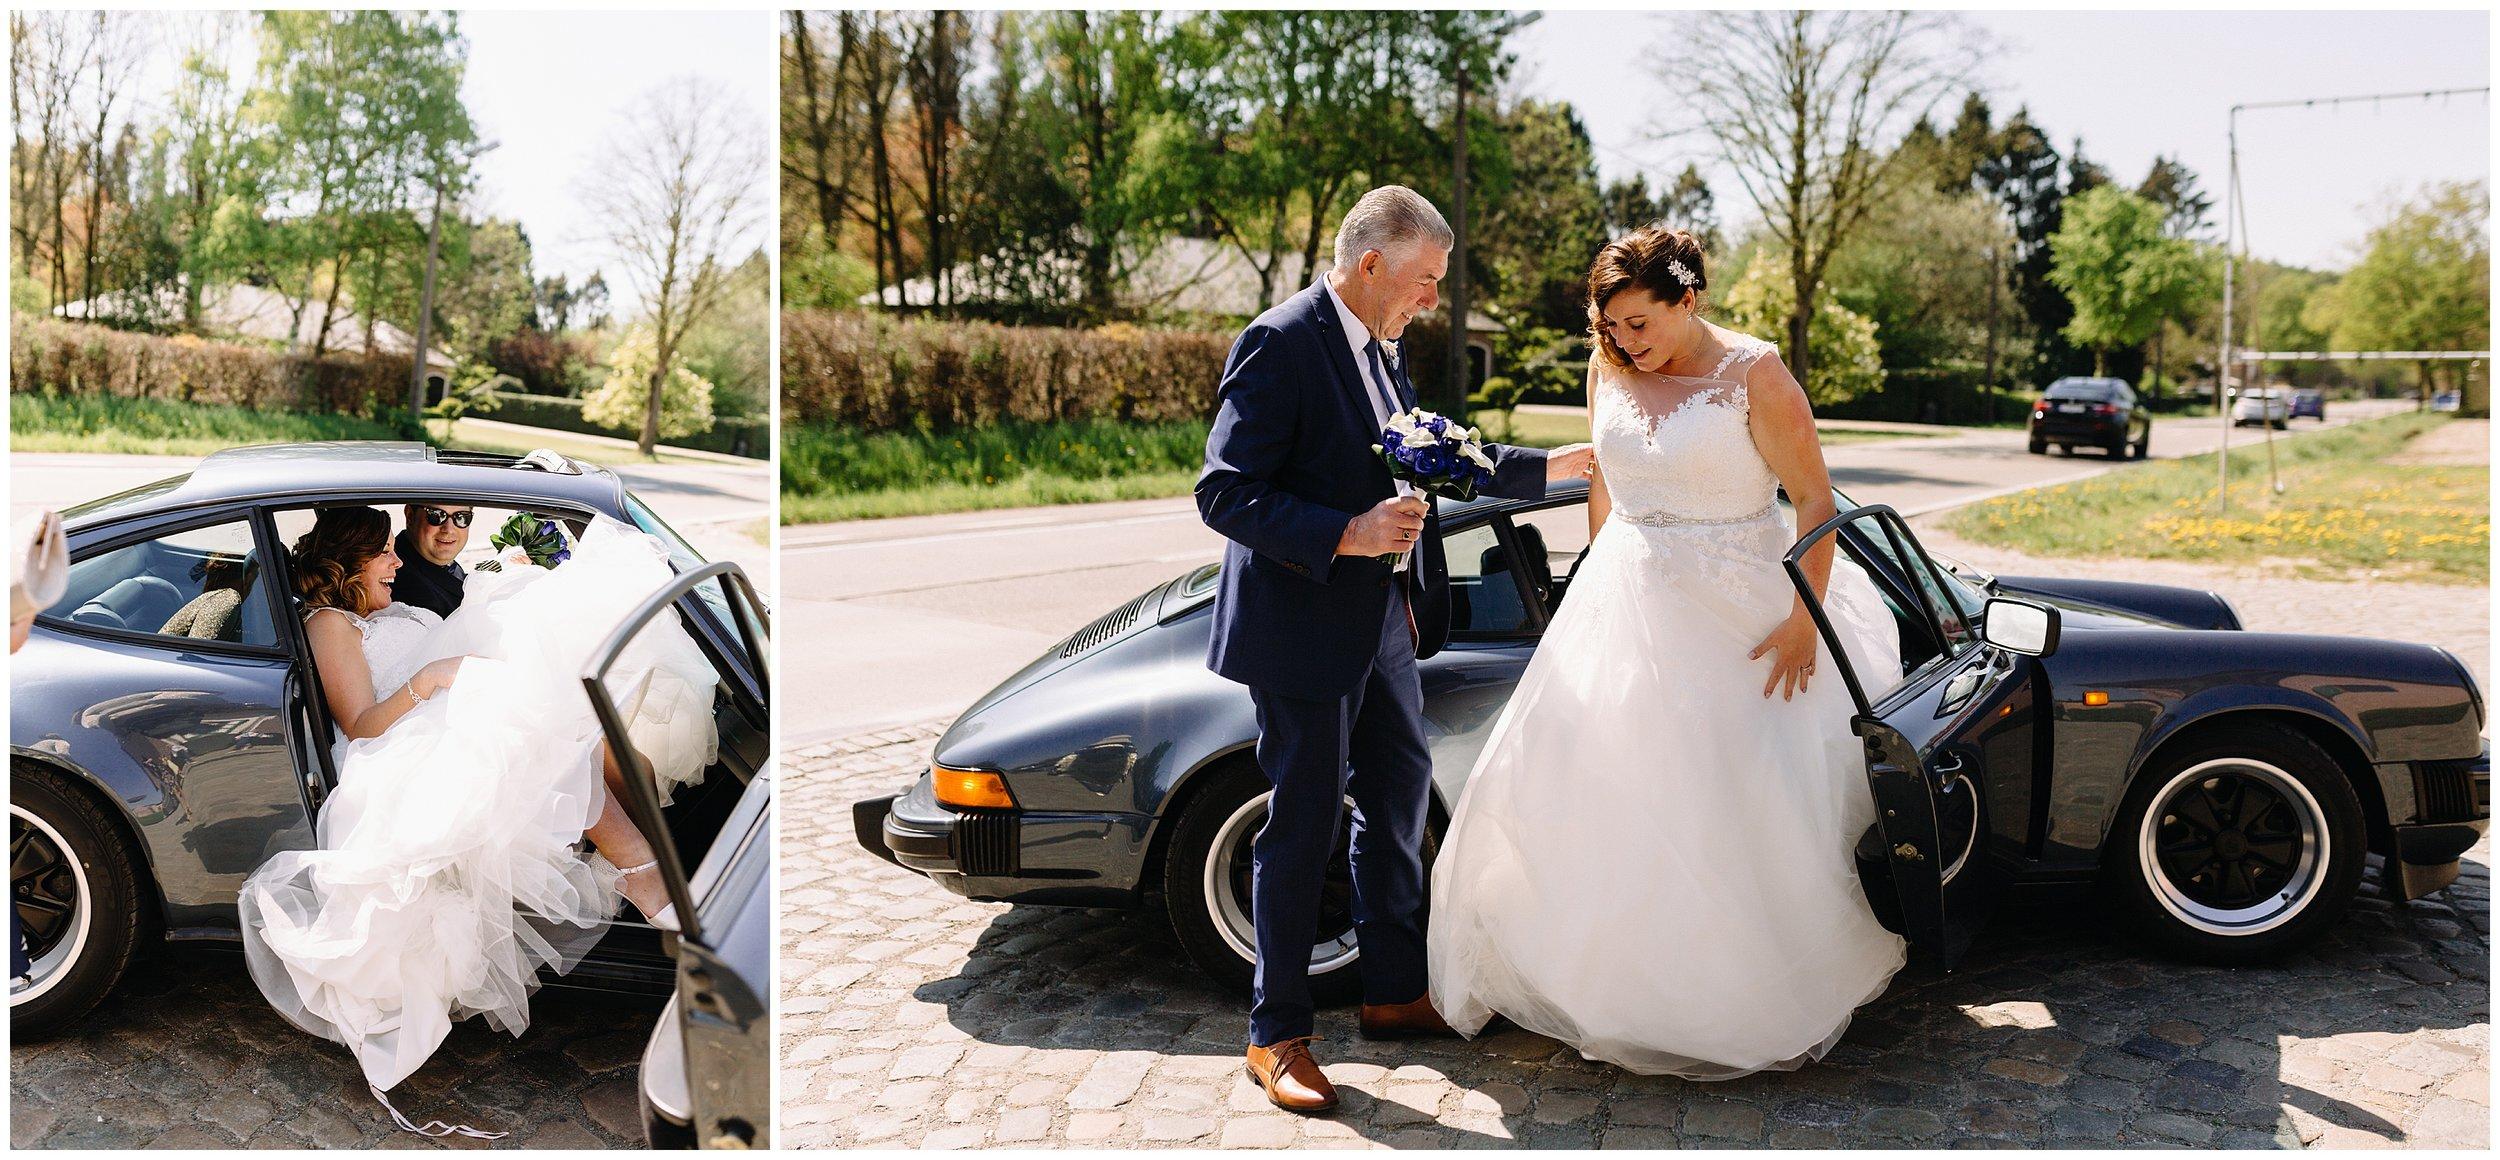 huwelijk-emma-rik-herentals-prinsenhof-herenthout-internationaal_0015.jpg